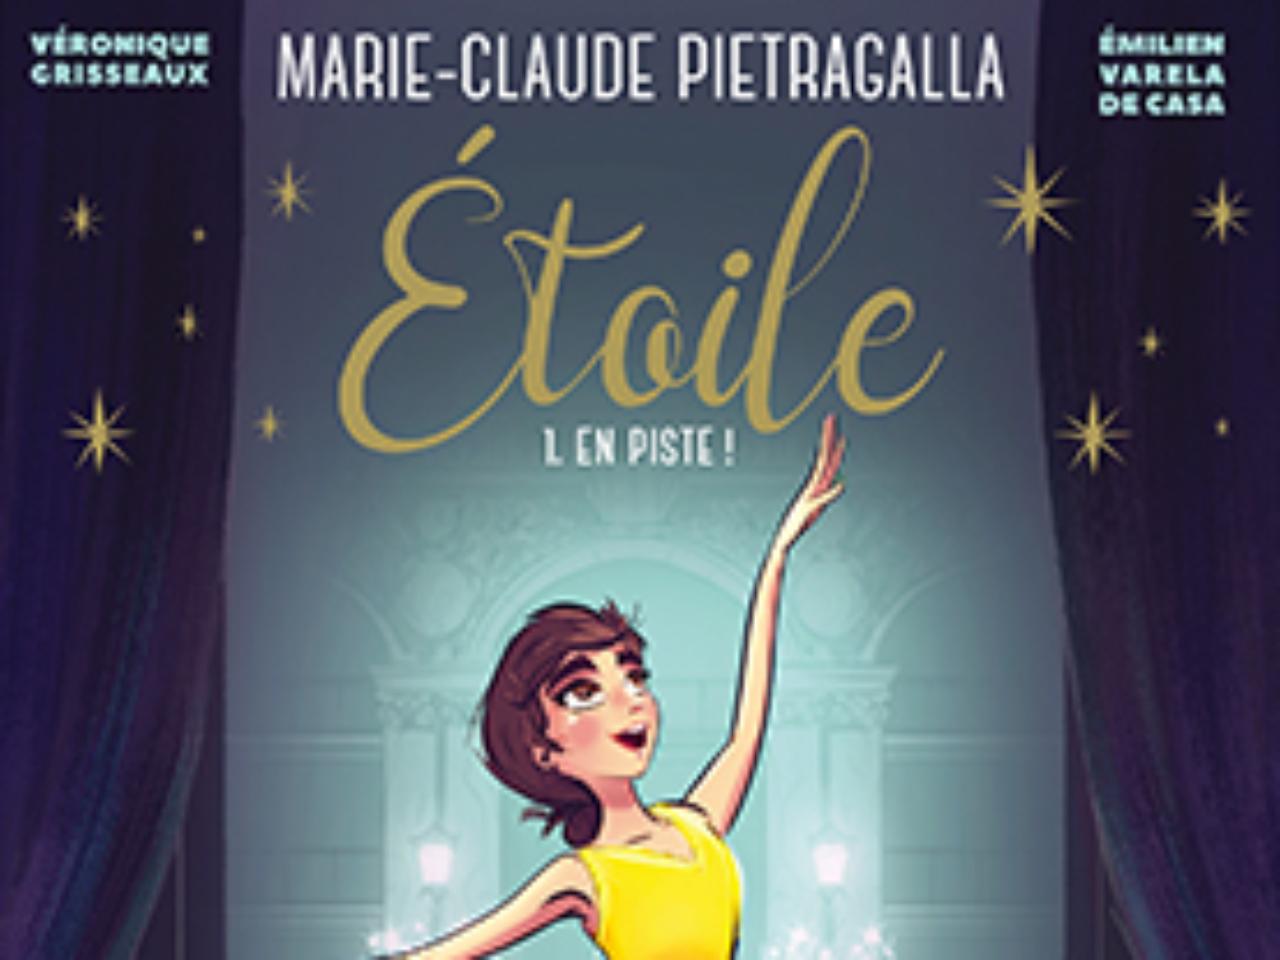 Marie-Claude-Pietragalla-Etoile-96b